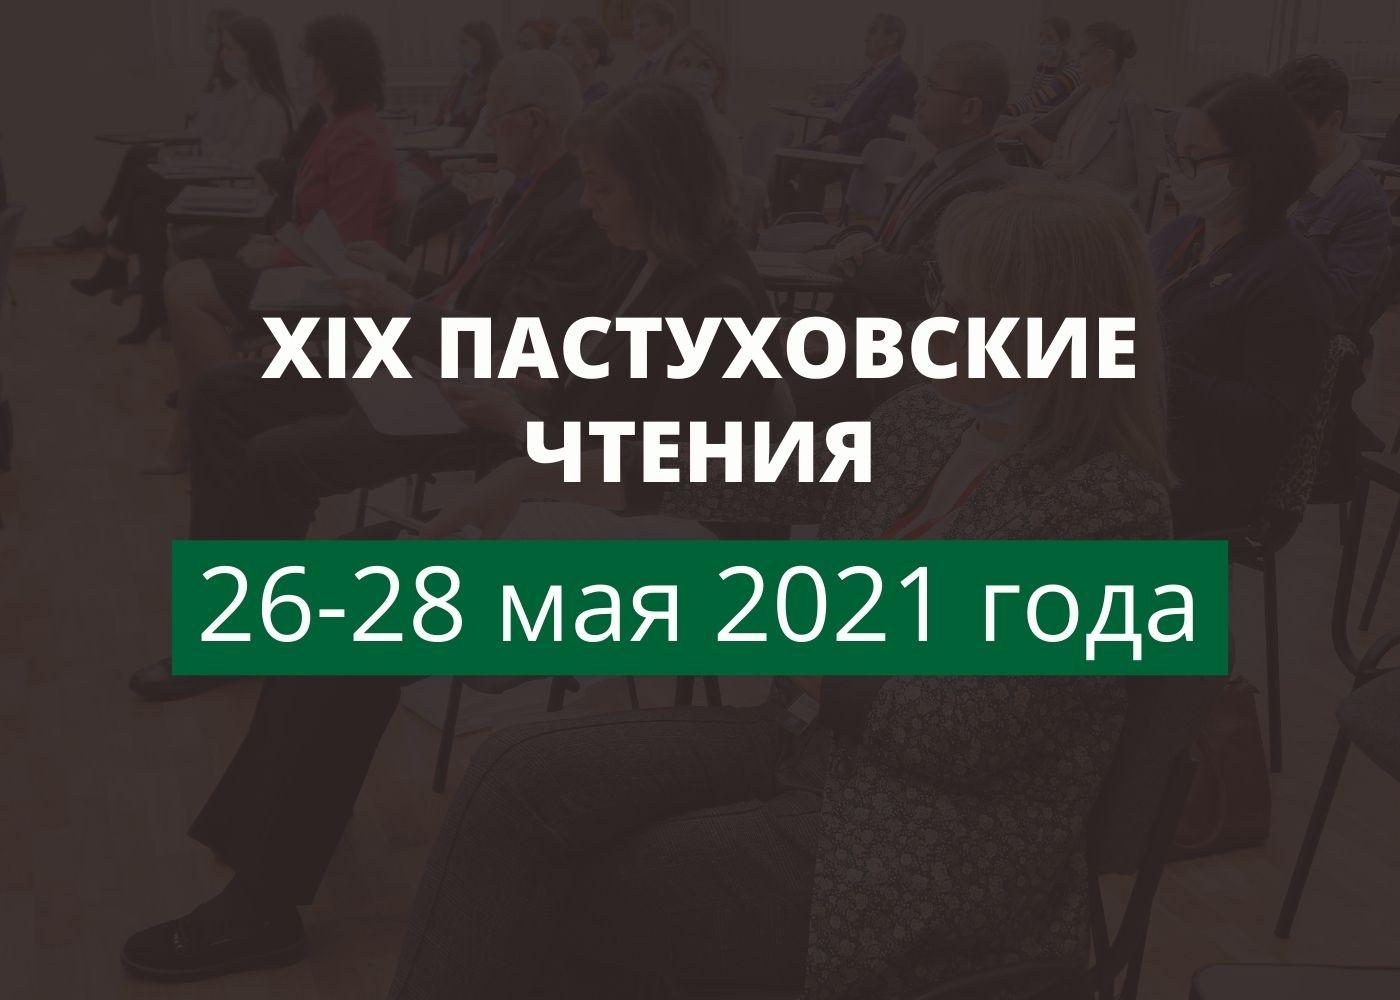 ПАСТУХОВСКИЕ ЧТЕНИЯ - 2021